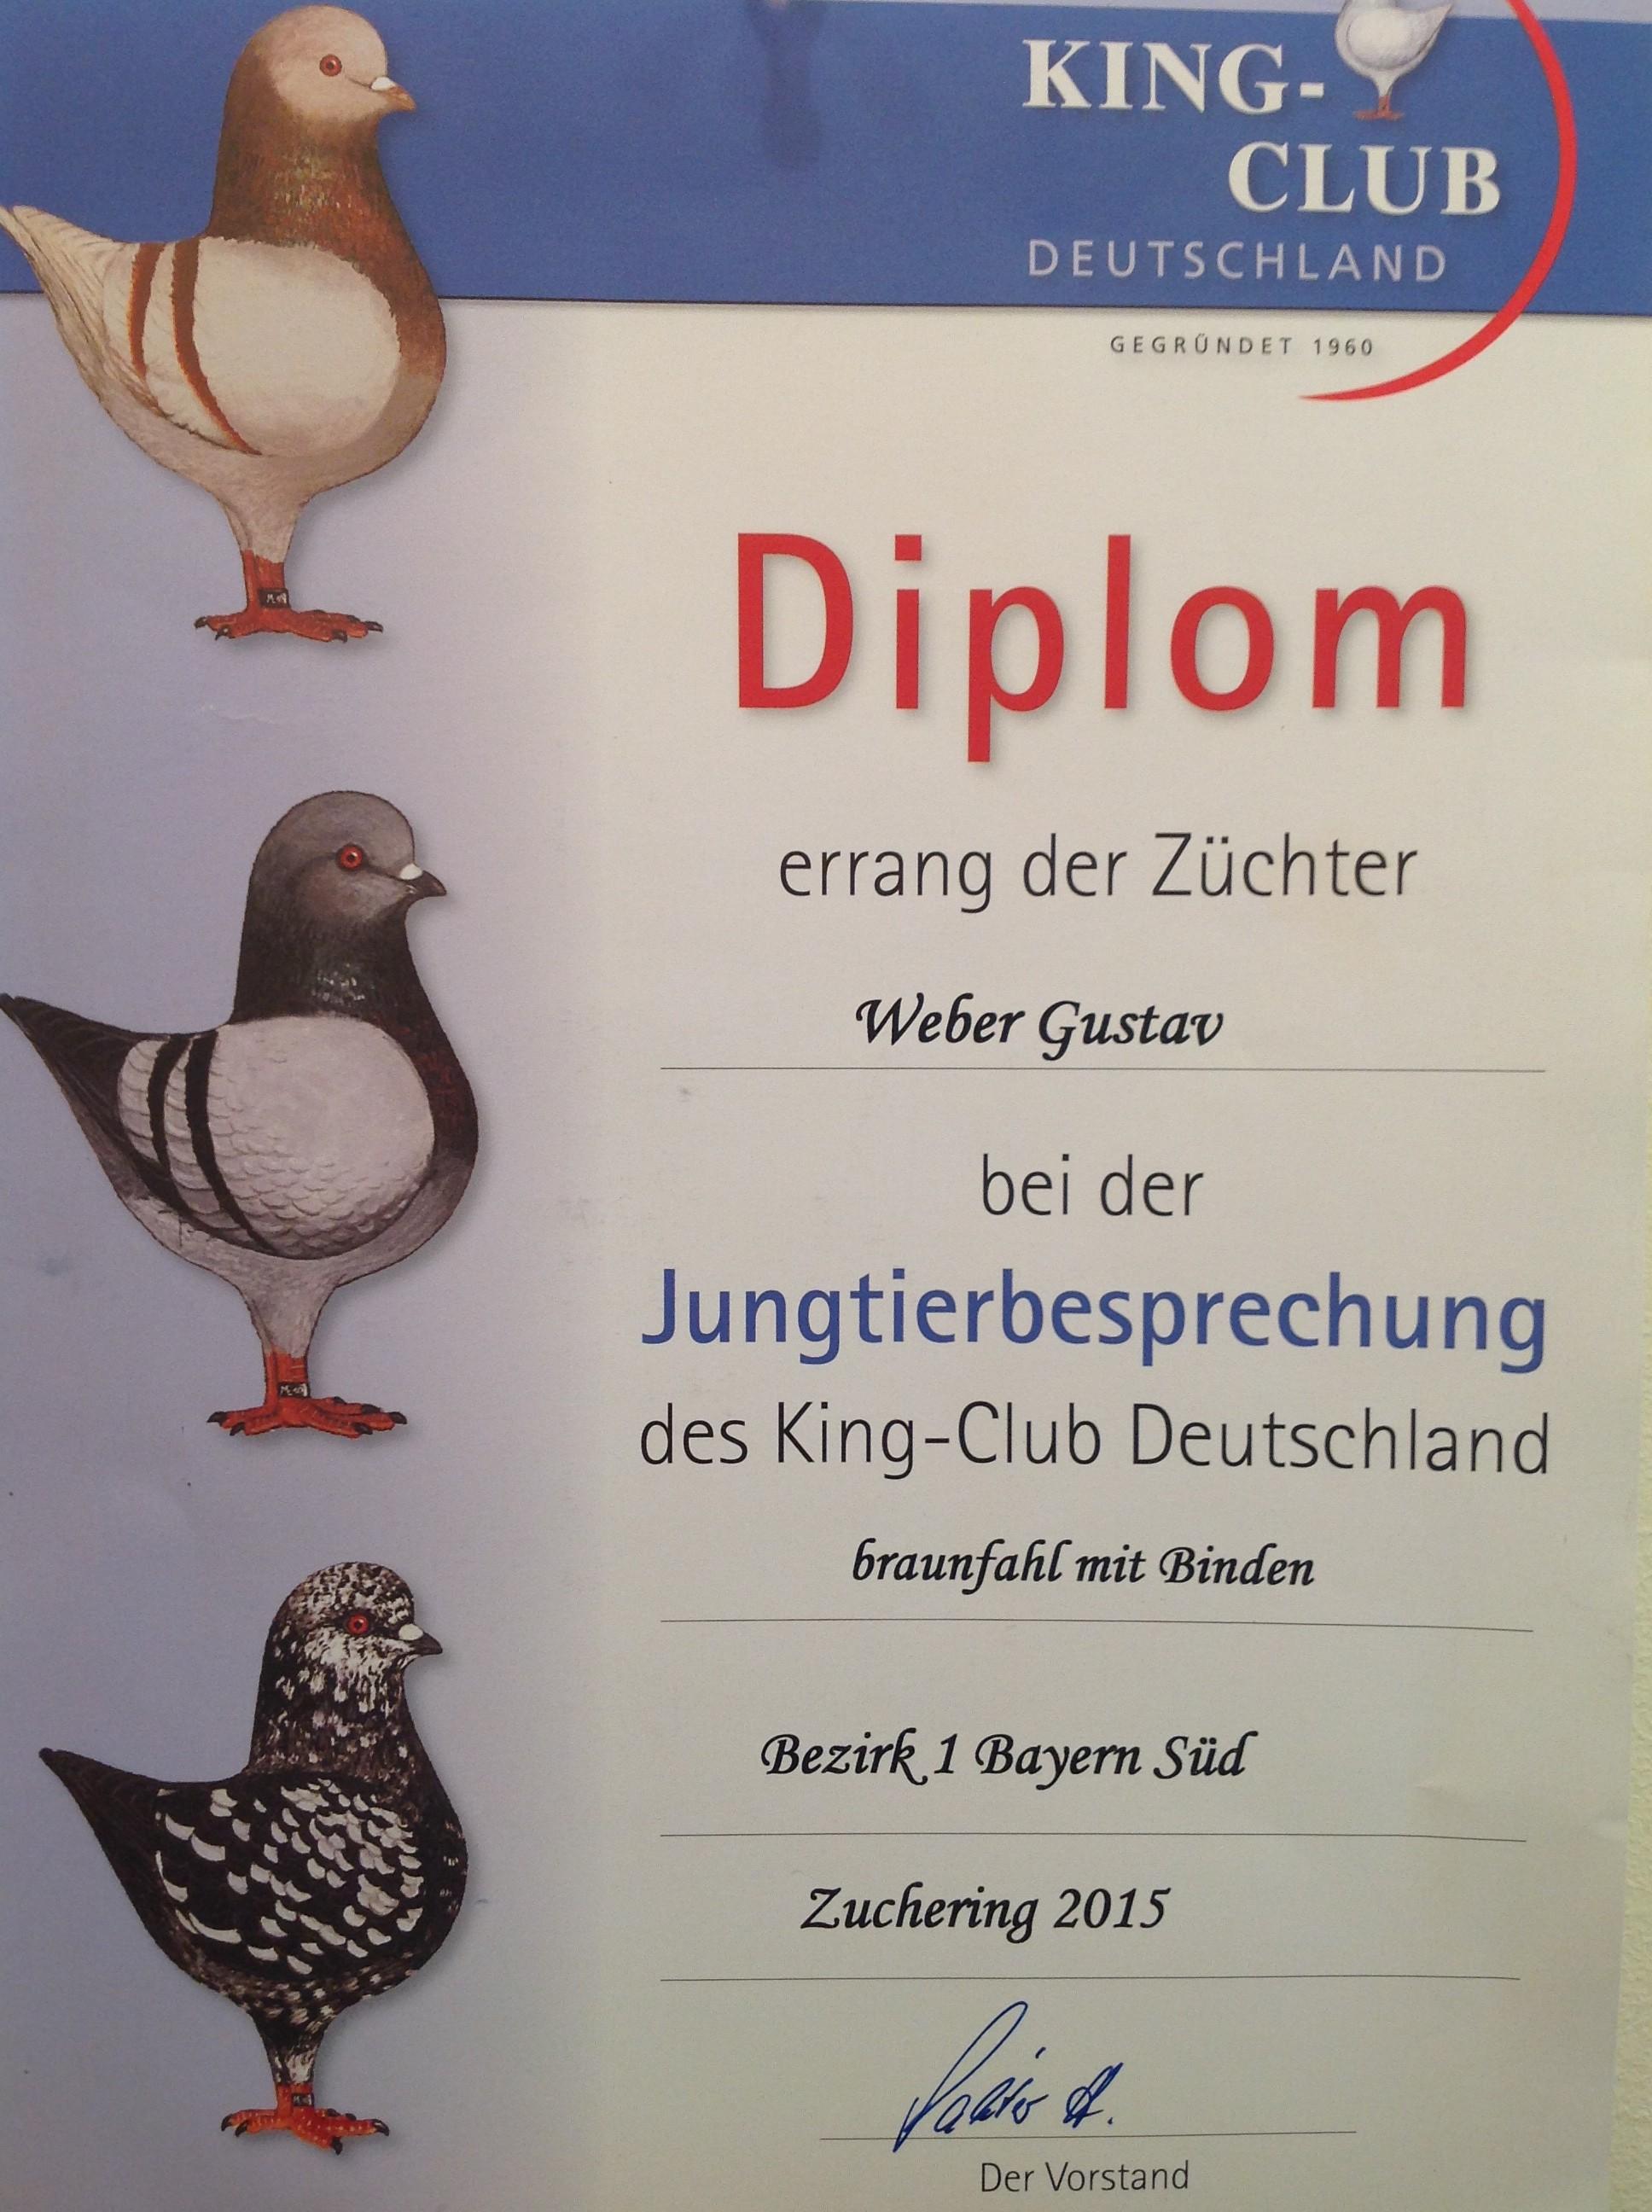 JTB KCD 2015 Bez.1 in Zuchering HV Diplom auf o.1 braunfahl